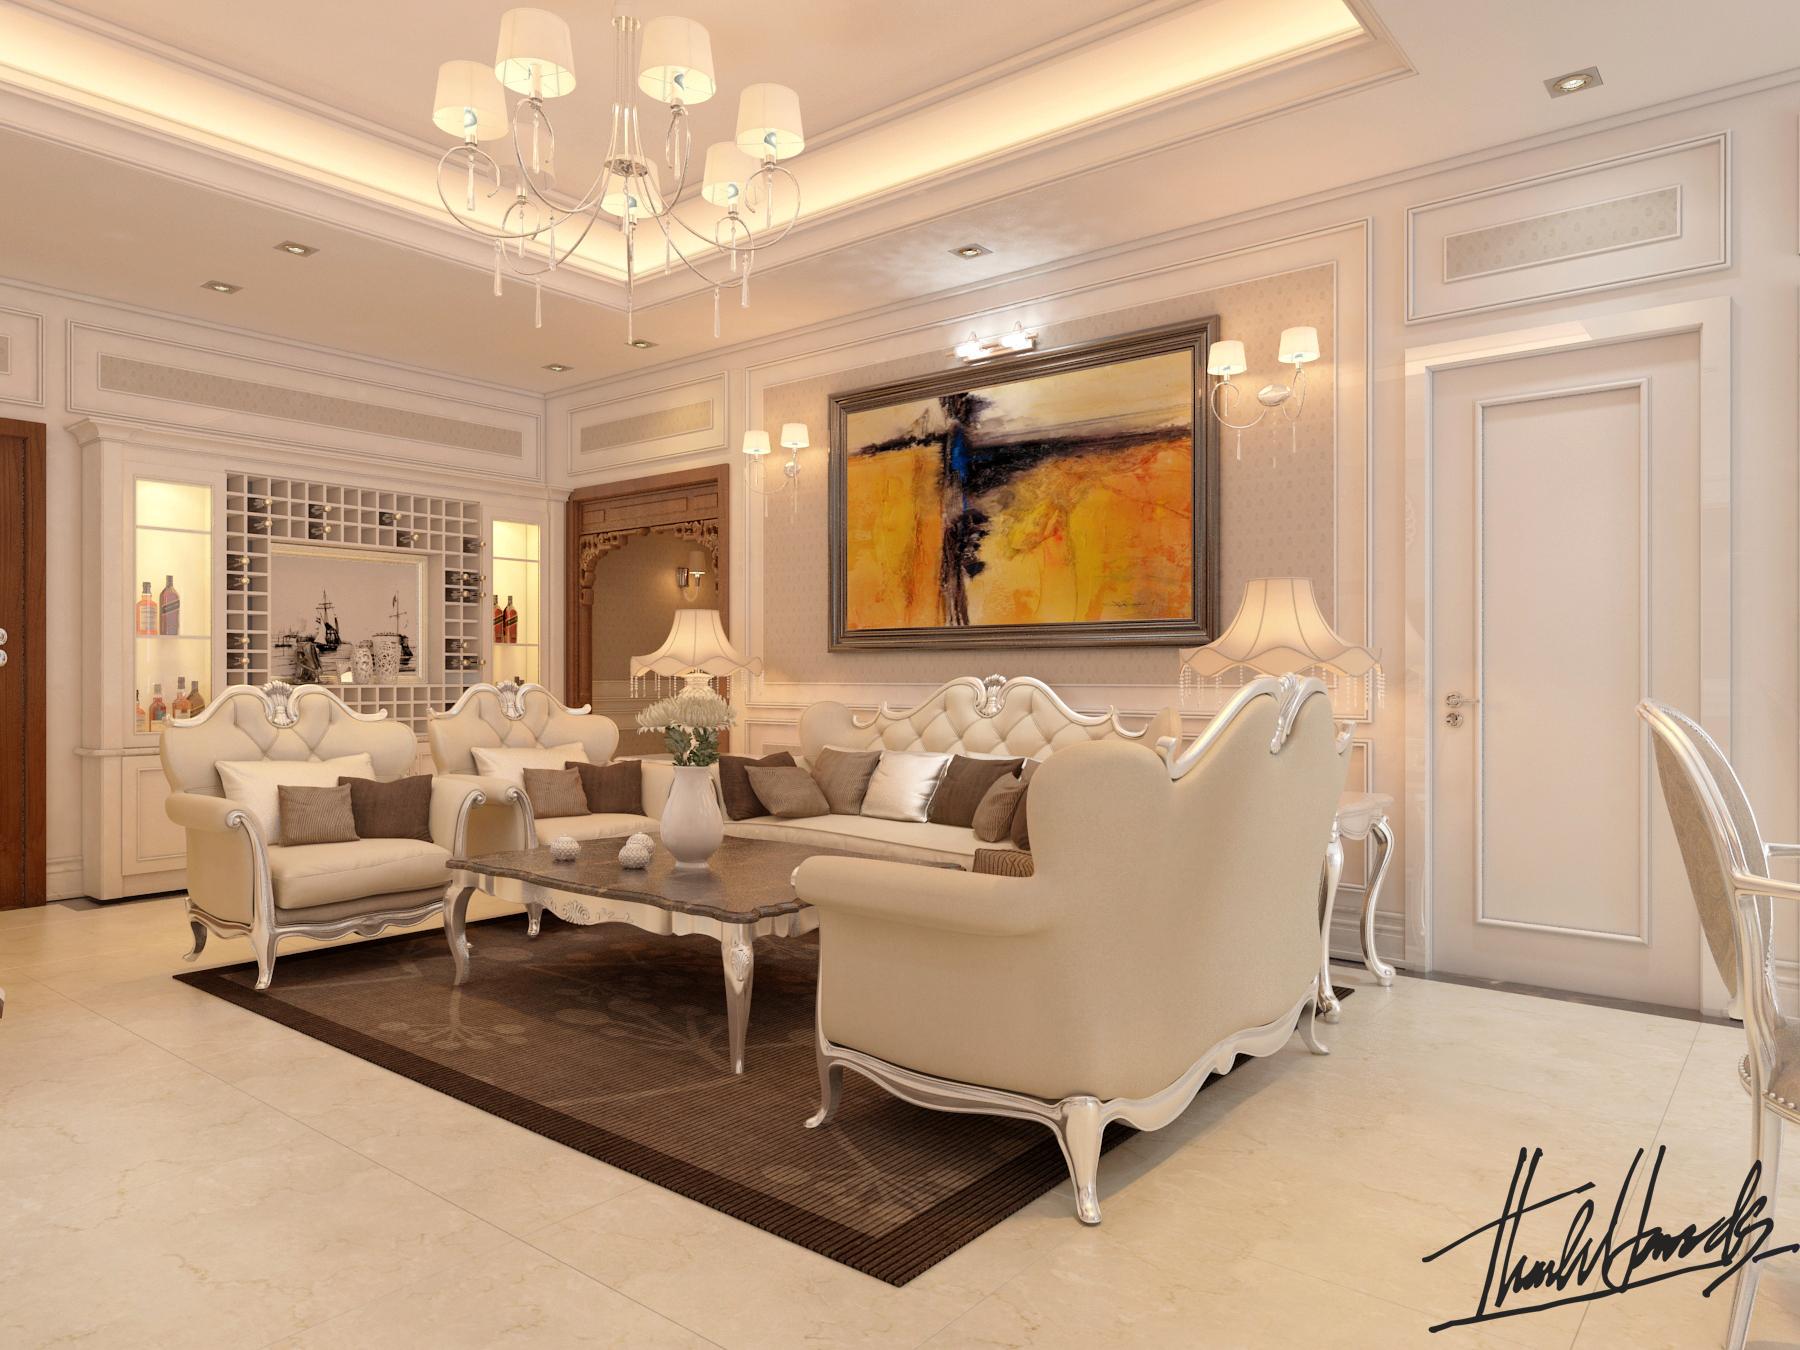 thiết kế nội thất chung cư tại Hà Nội chung cư trang an complex 6 1568277030